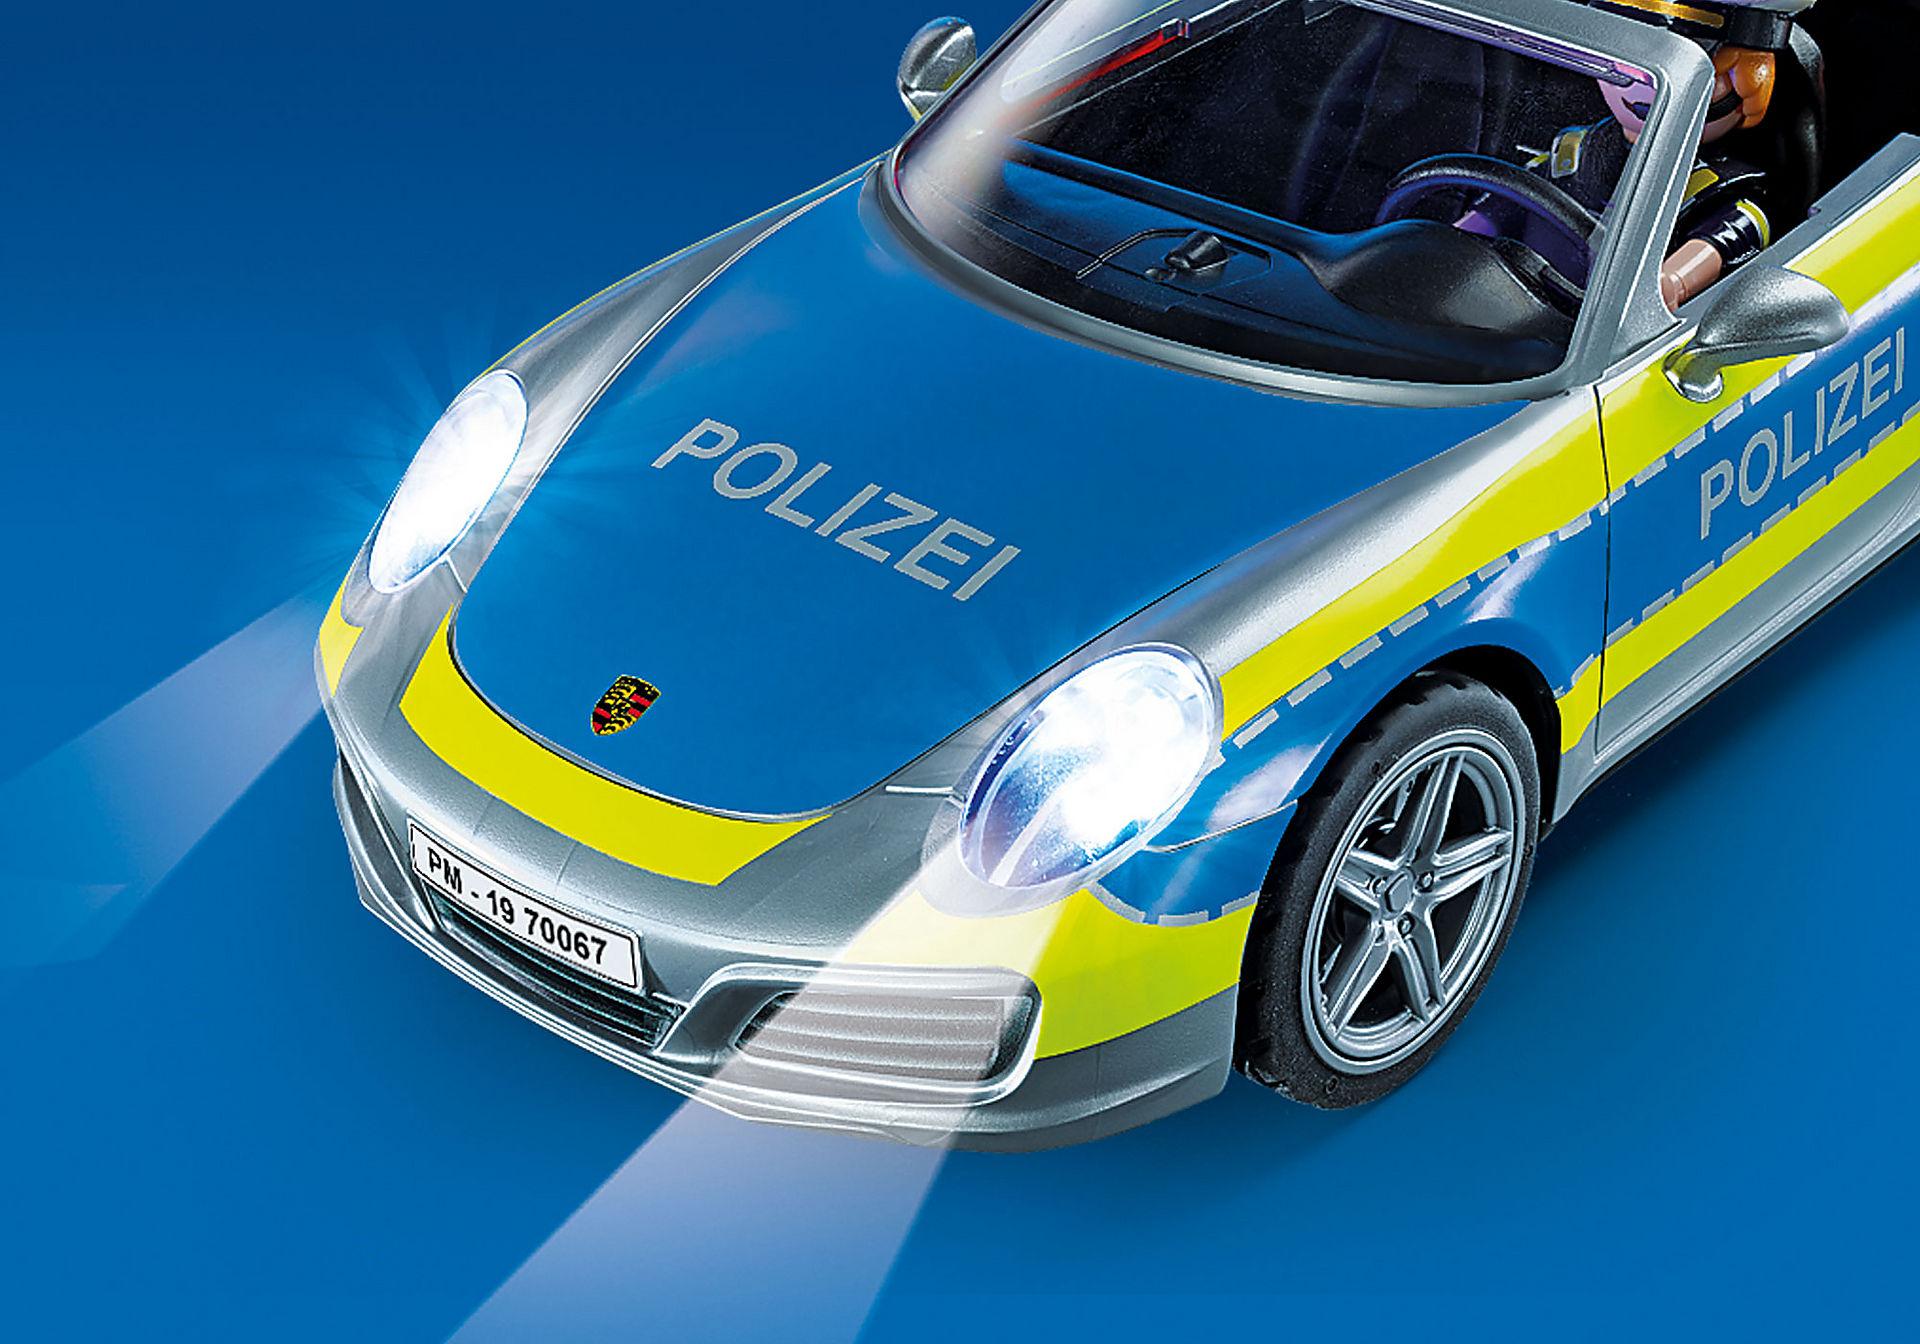 70067 Porsche 911 Carrera 4S Politi- Grå zoom image5